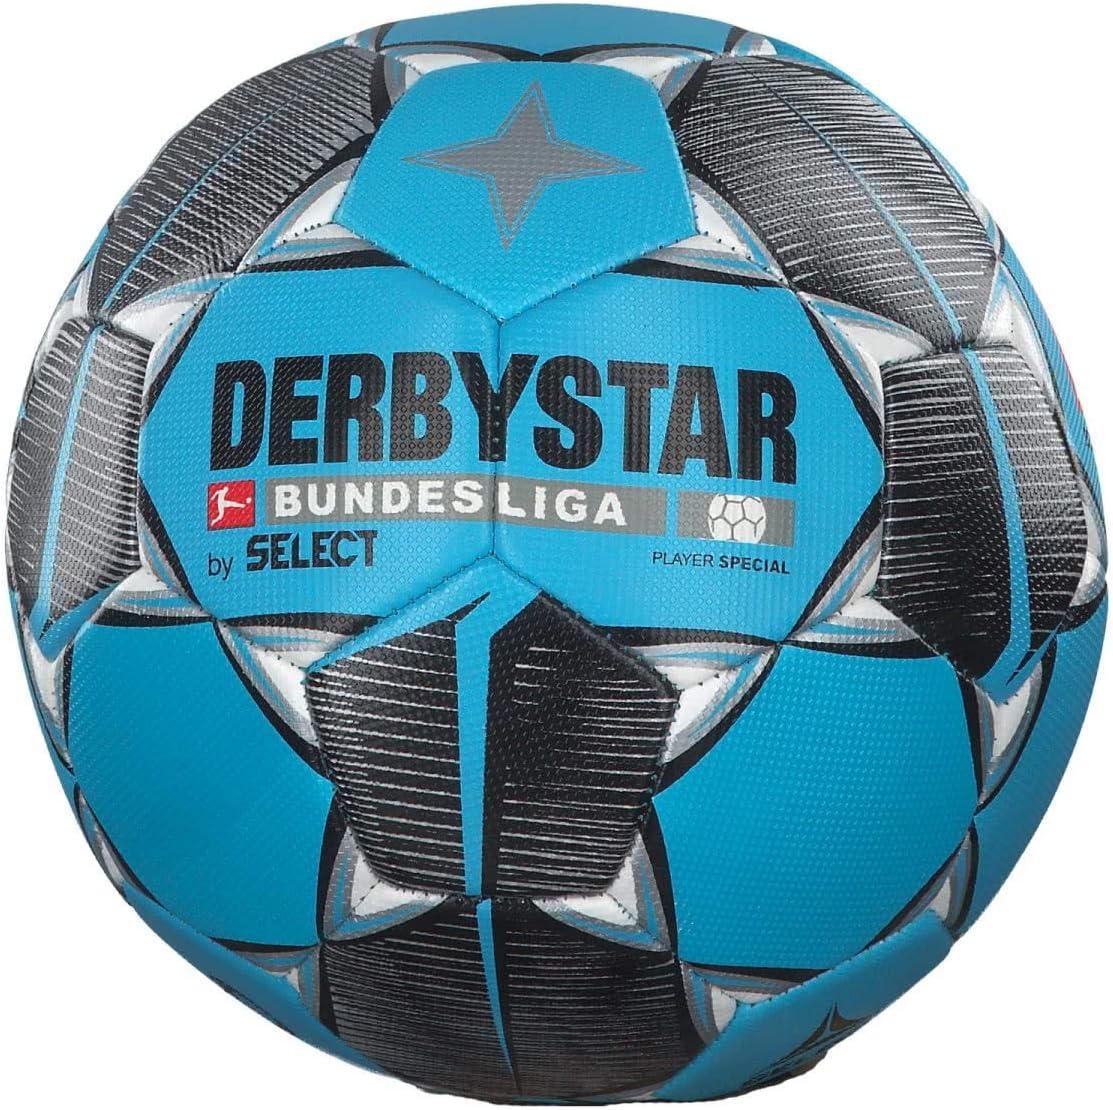 Derbystar Bundesliga Player Special - Balón de fútbol, Color Negro ...